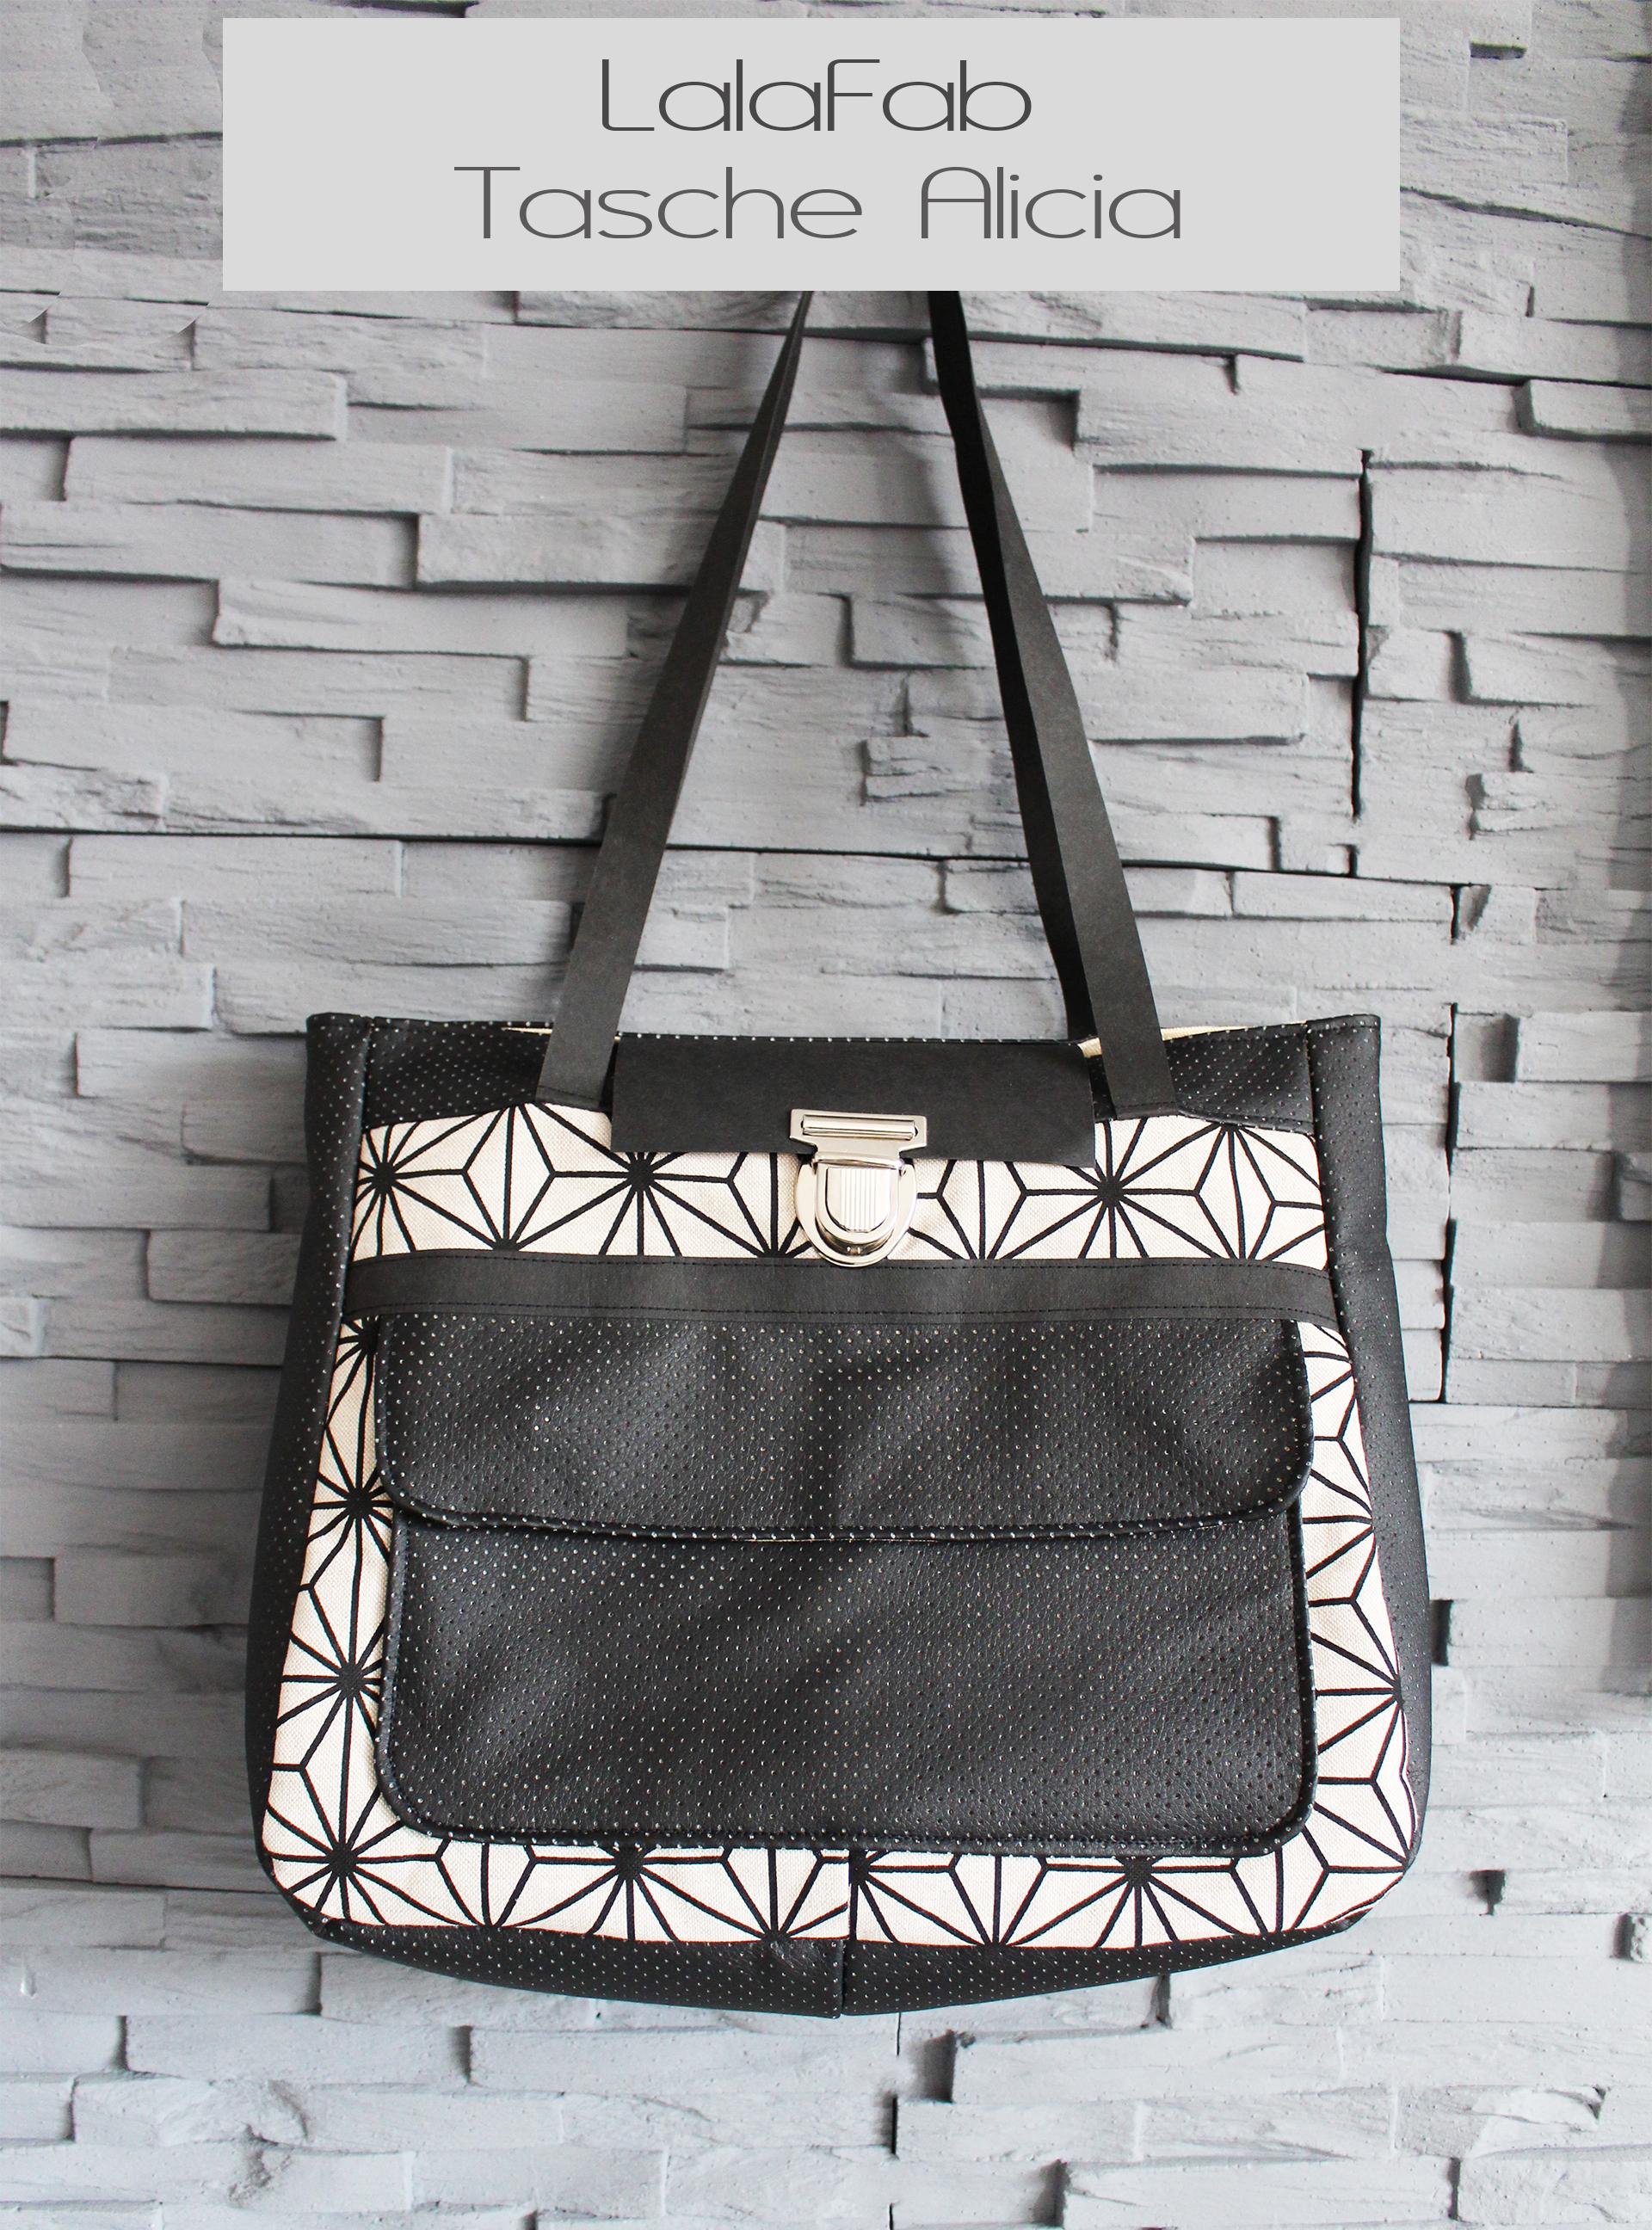 Probenäher gesucht: Handtasche Alicia